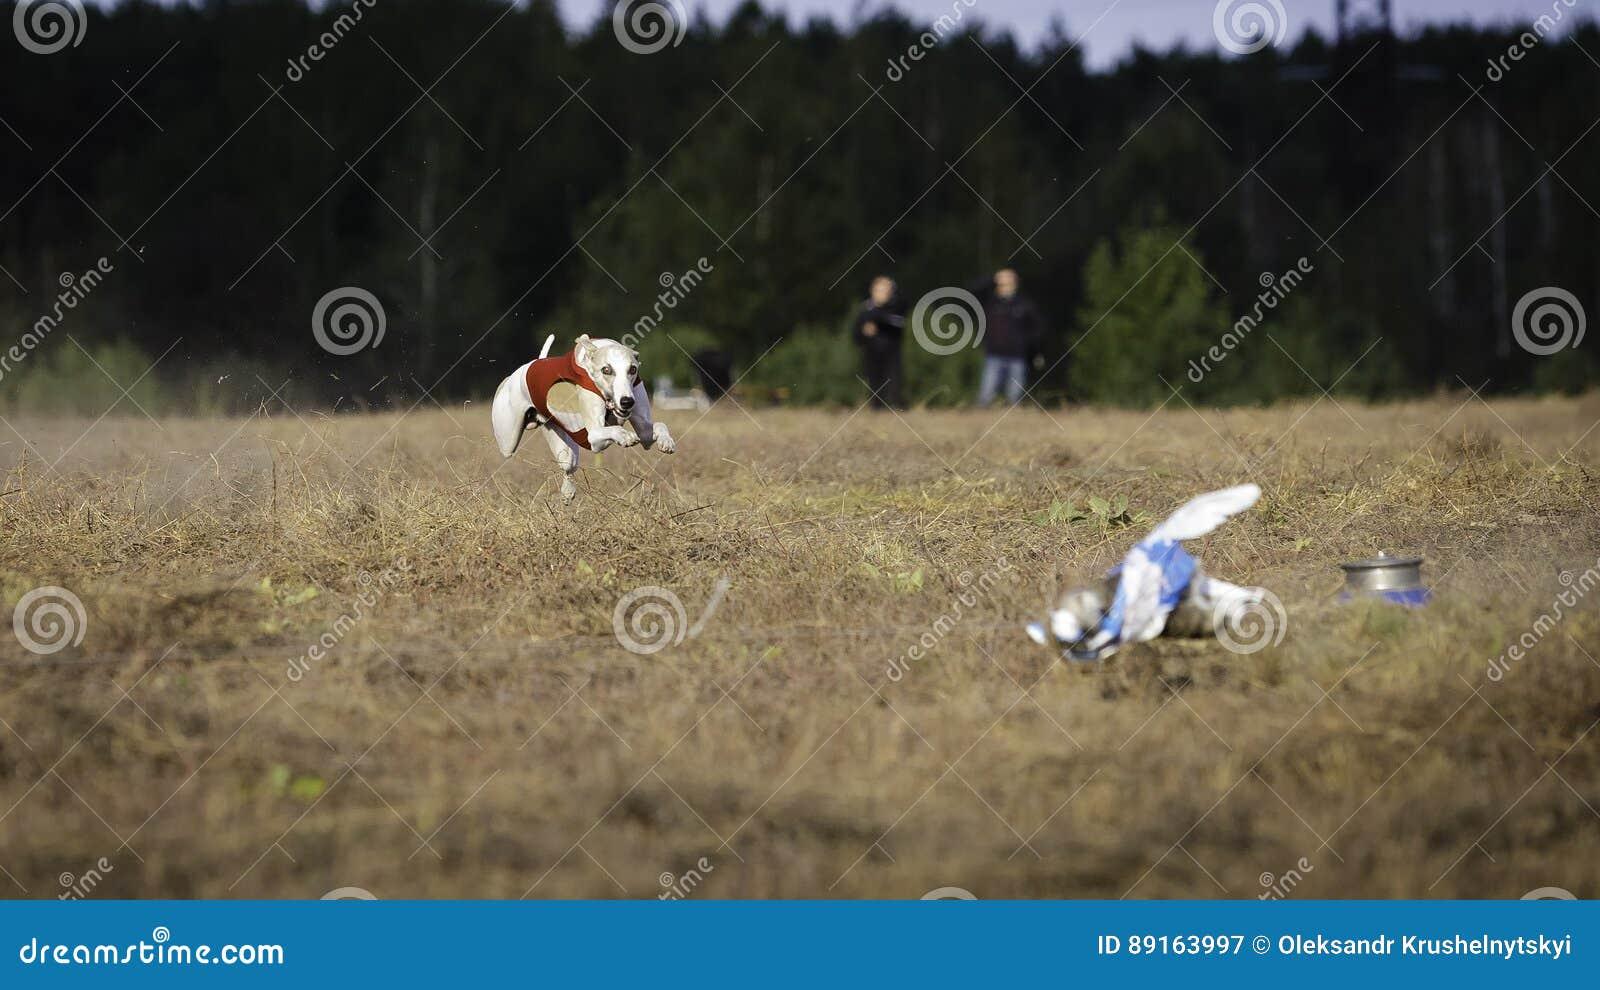 Whippethundebetrieb Kursieren, Leidenschaft und Geschwindigkeit